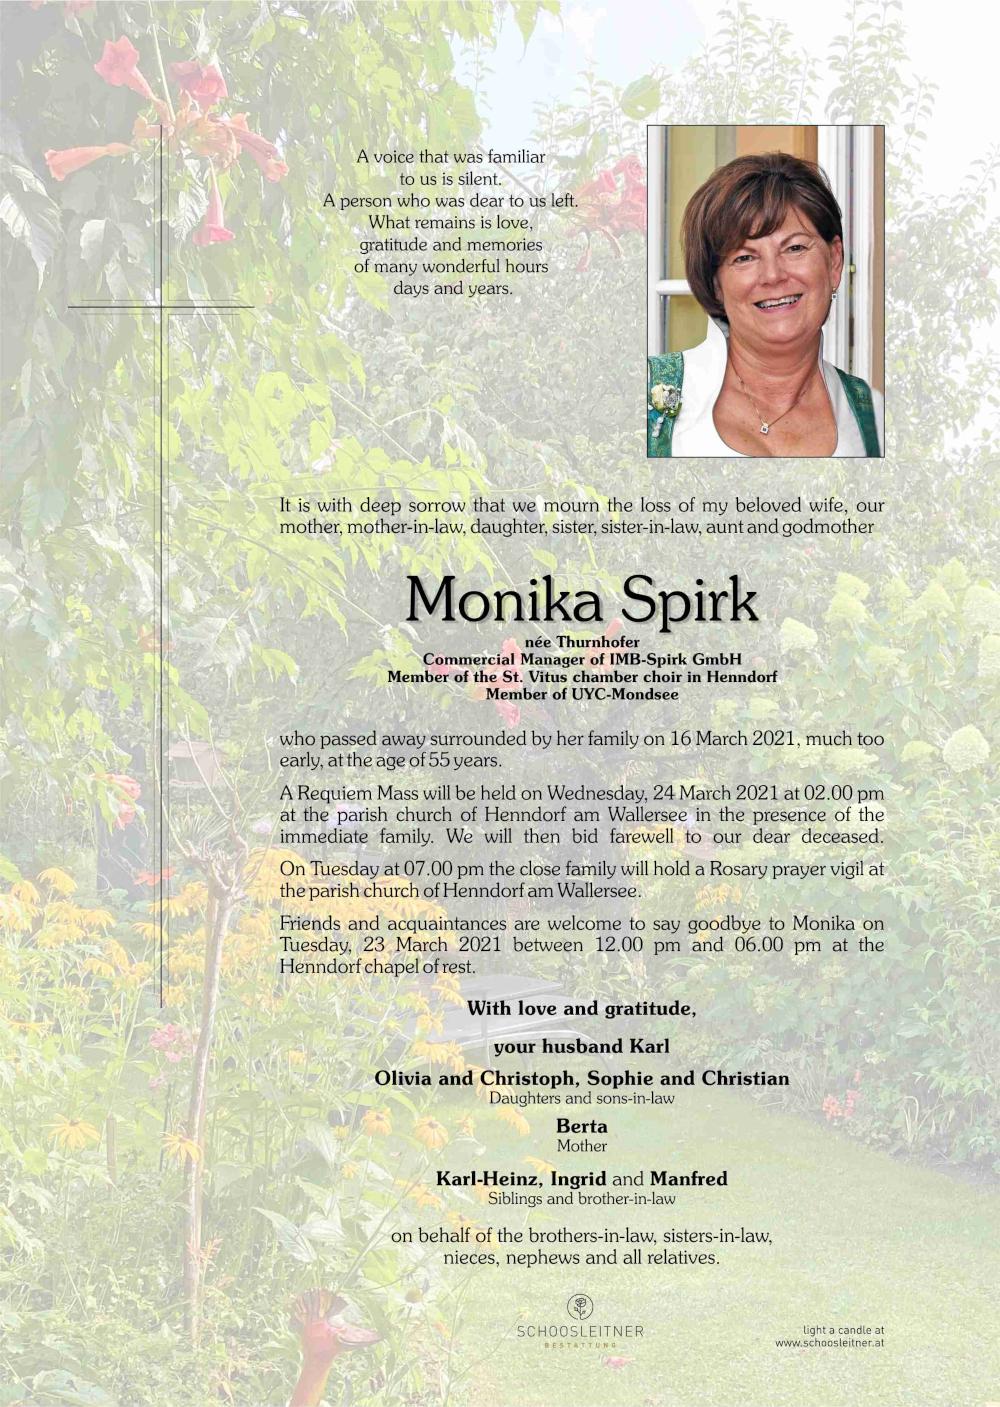 Monika Spirk - Death notice